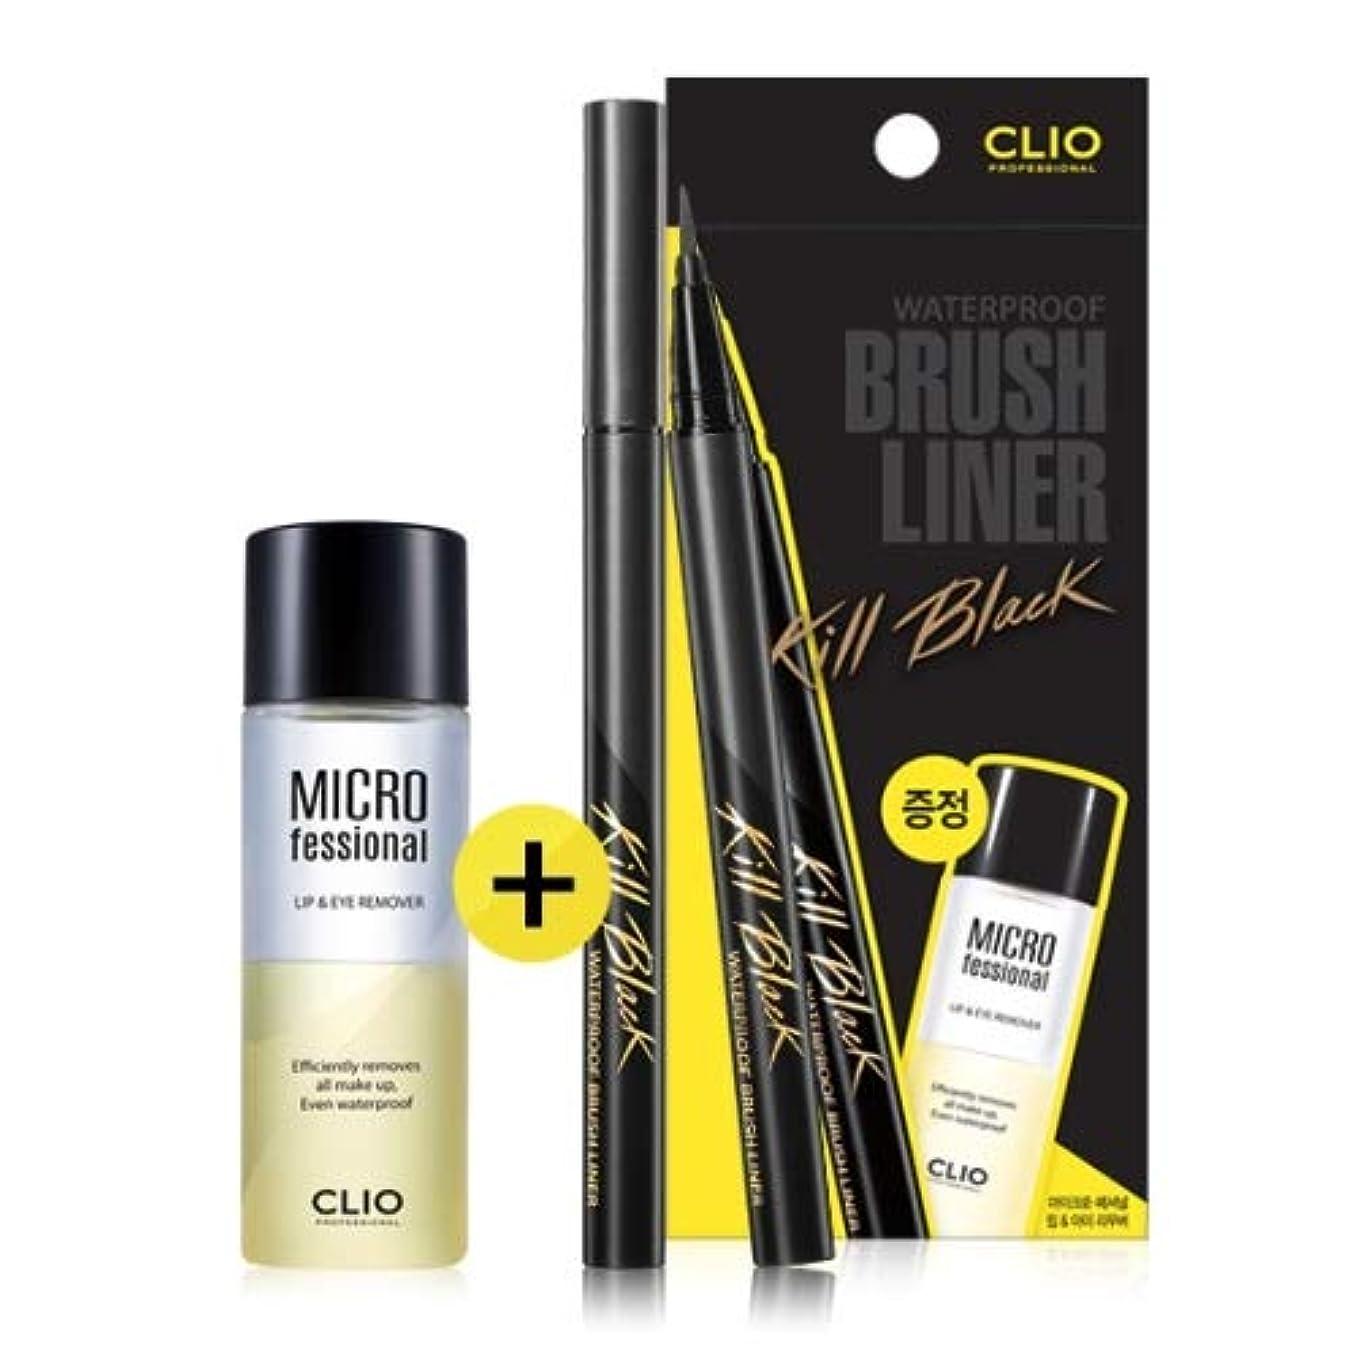 概して十分インサートクリオ キル ブラック ウォータープルーフ ブラシライナー CLIO Waterproof Brush Liner + Lip and Eye Remover # Kill Black [並行輸入品]